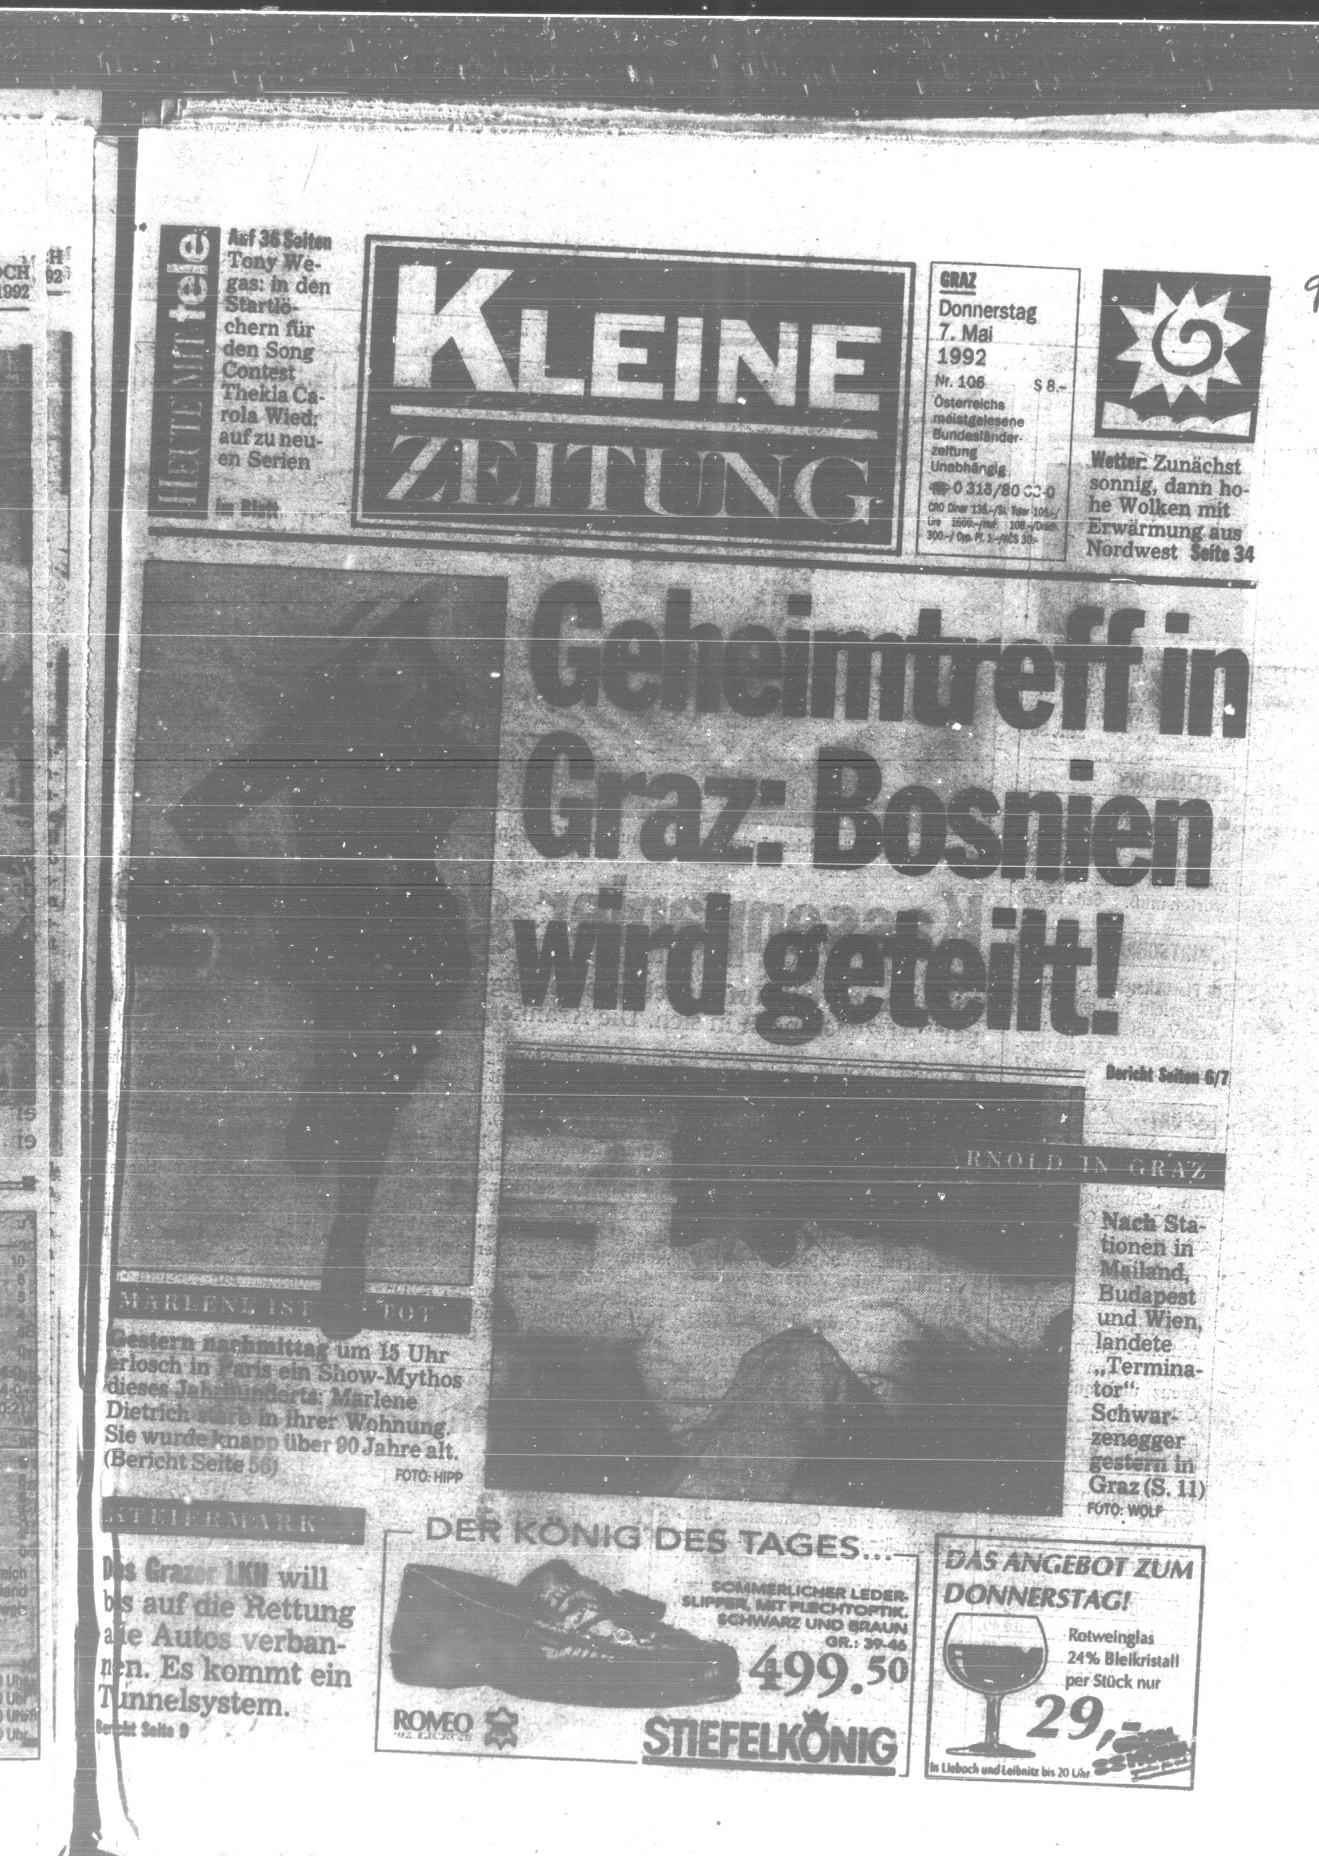 http://fbieber.files.wordpress.com/2012/05/kleine-zeitung.jpg